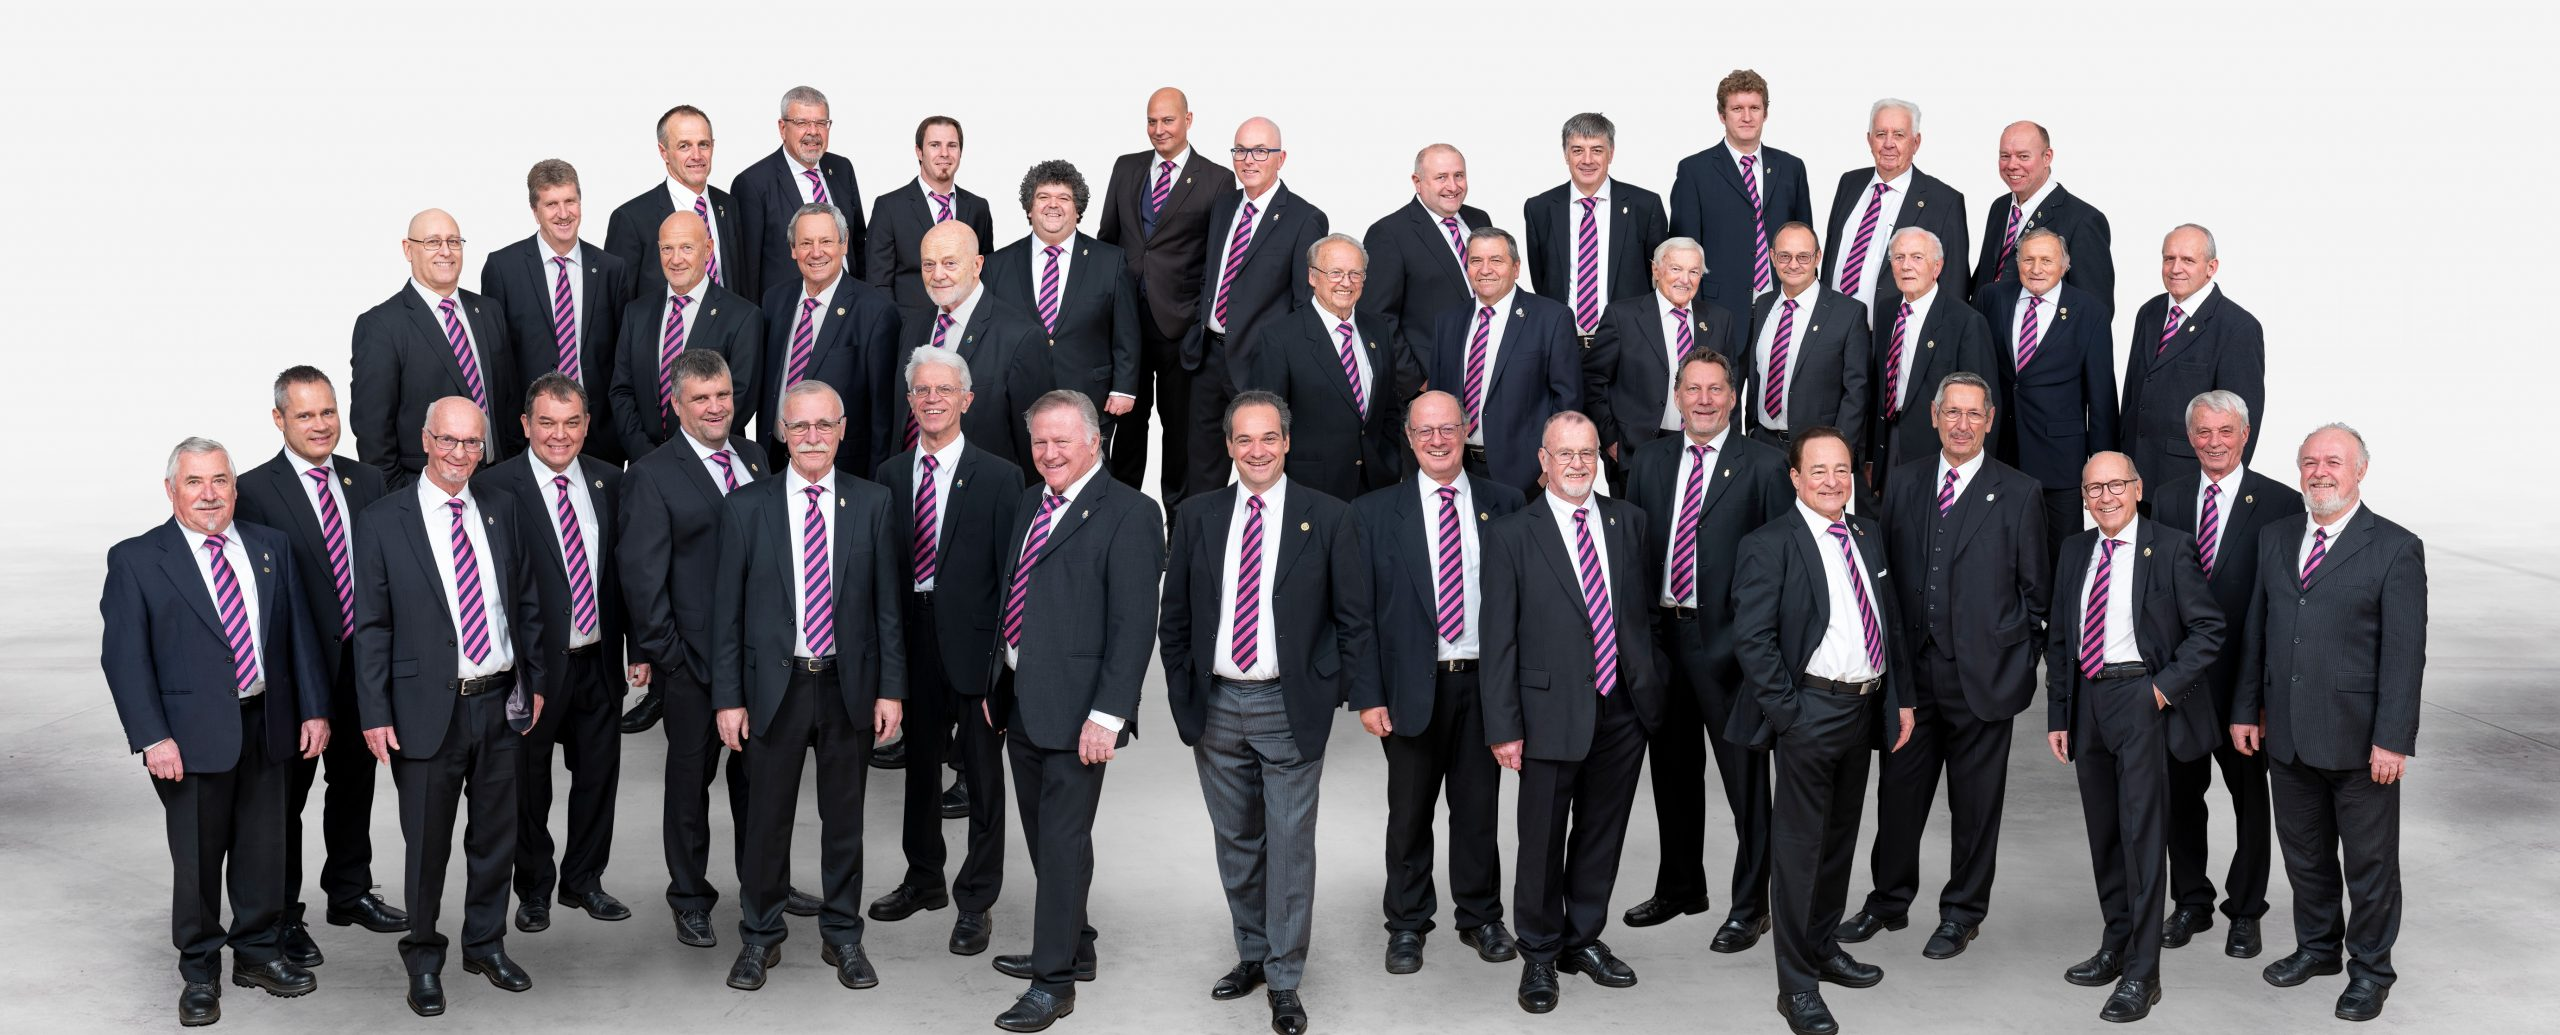 Gesangverein Hohenems